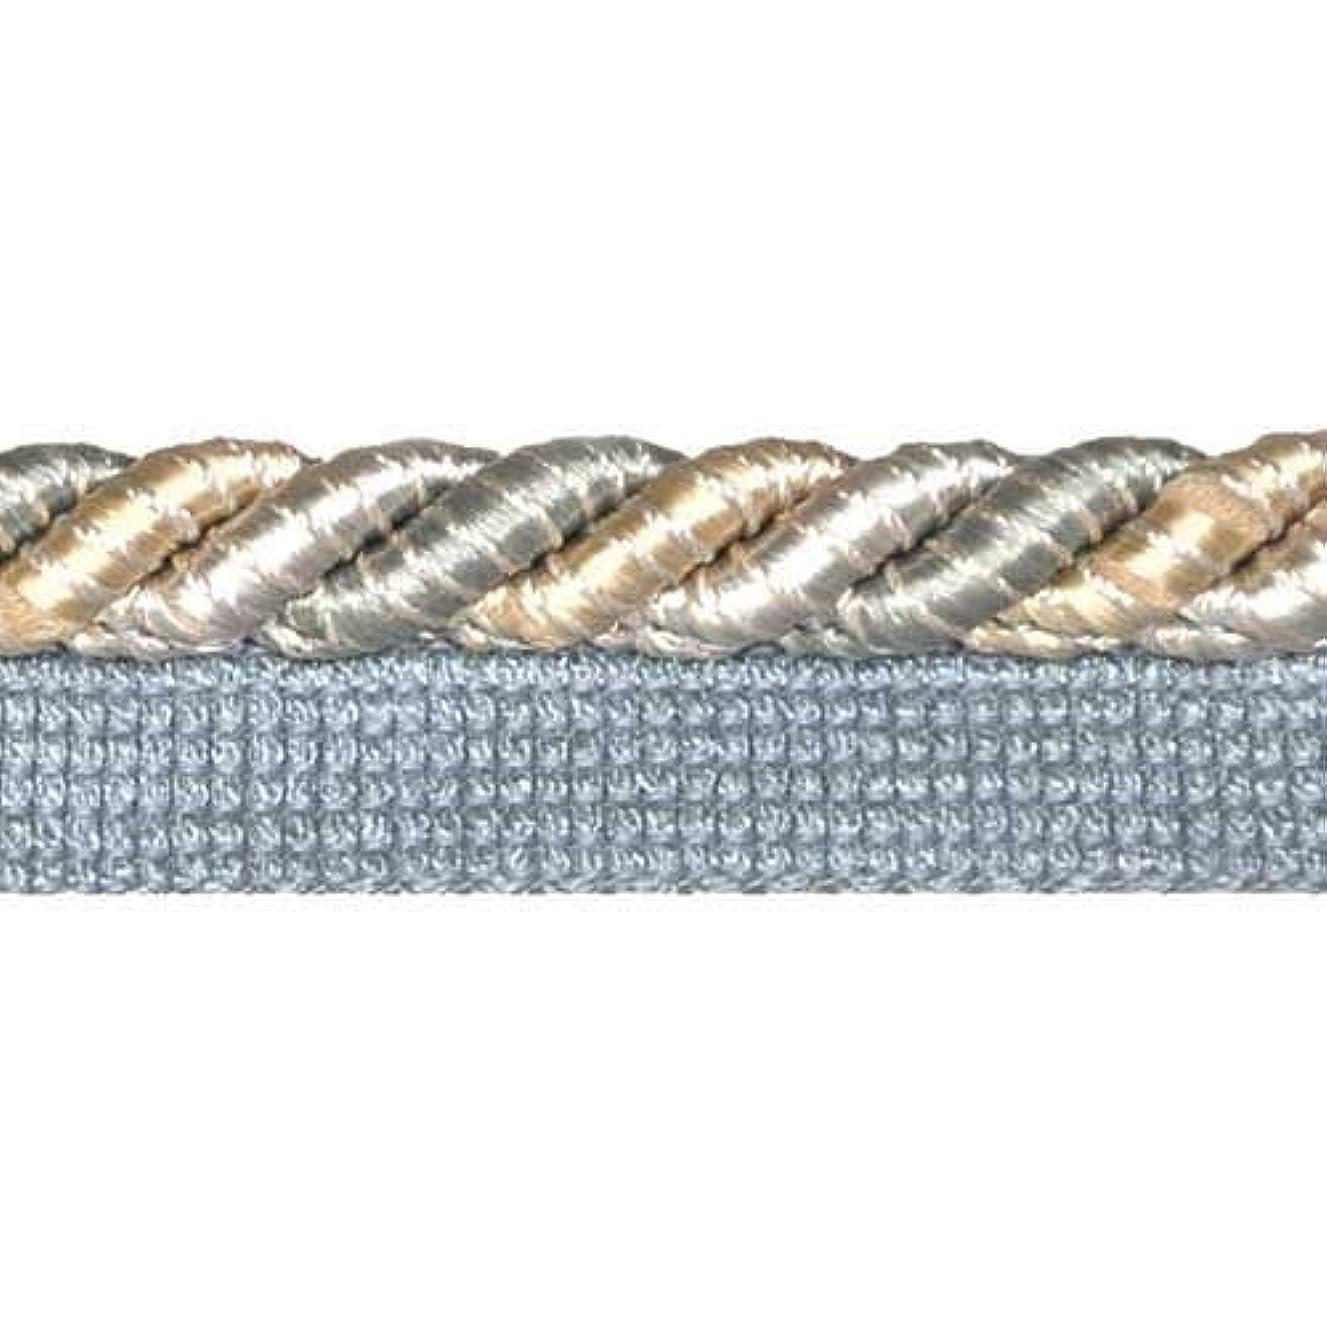 BELAGIO Enterprises BC-10003-33-82 Cord with Lip Turquoise nepkq2303